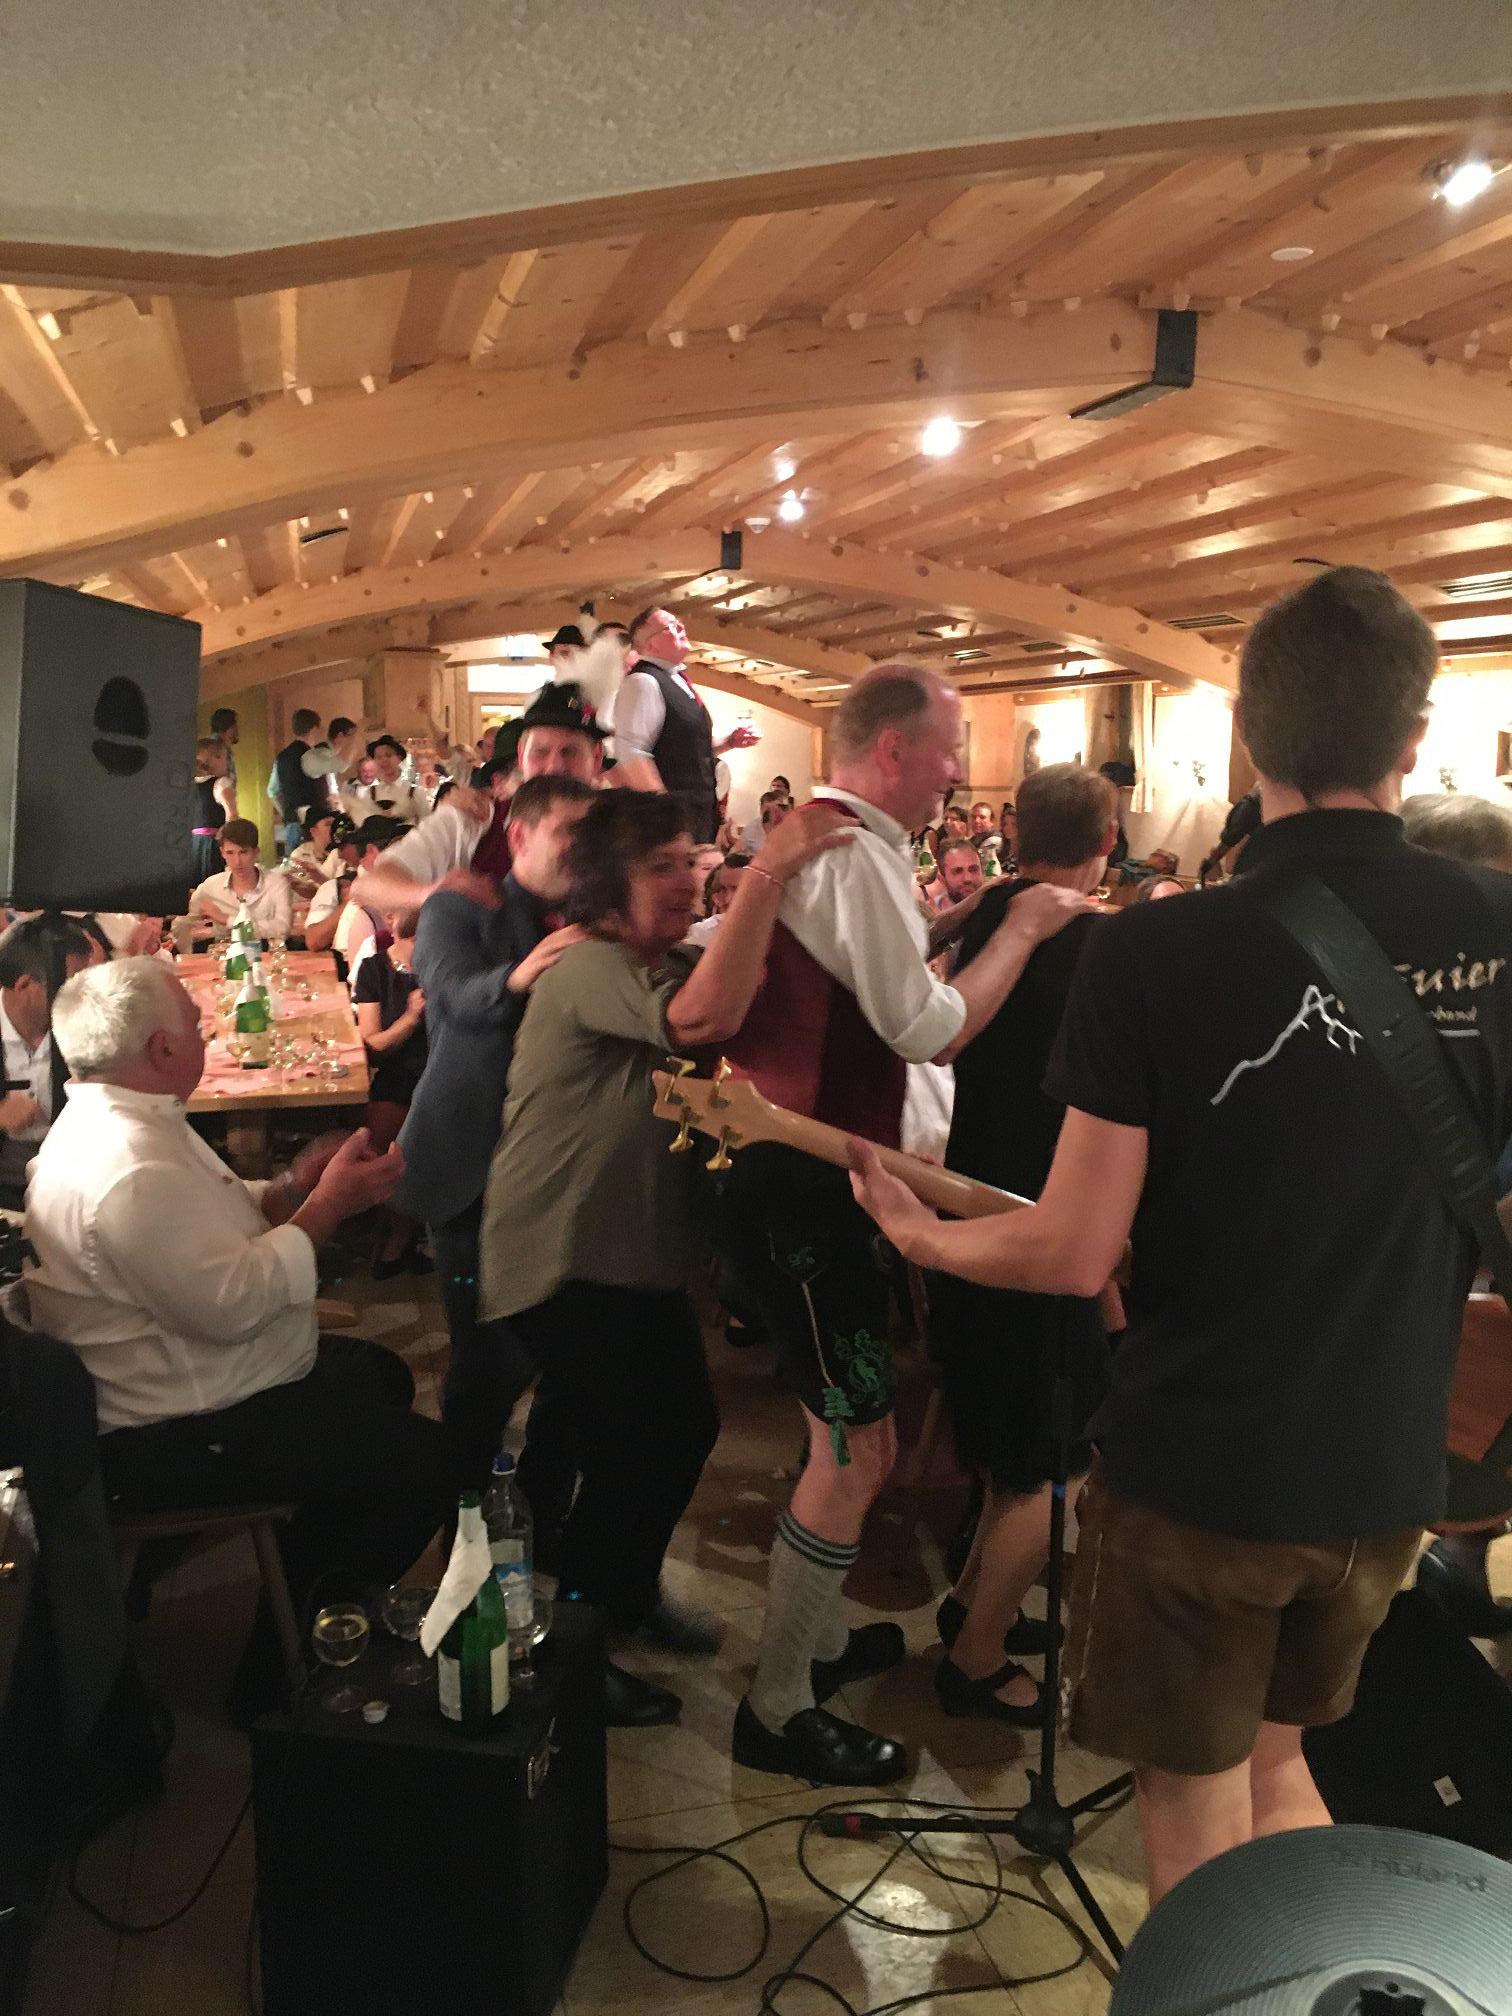 bayrische Hochzeitsband Alpfuier in action aus dem Oberallgäu, Ostallgäu, Unterallgäu (Bayern) und Tirol, Kempten, Füssen, Pfronten, Kaufbeuren, Memmingen, Reutte